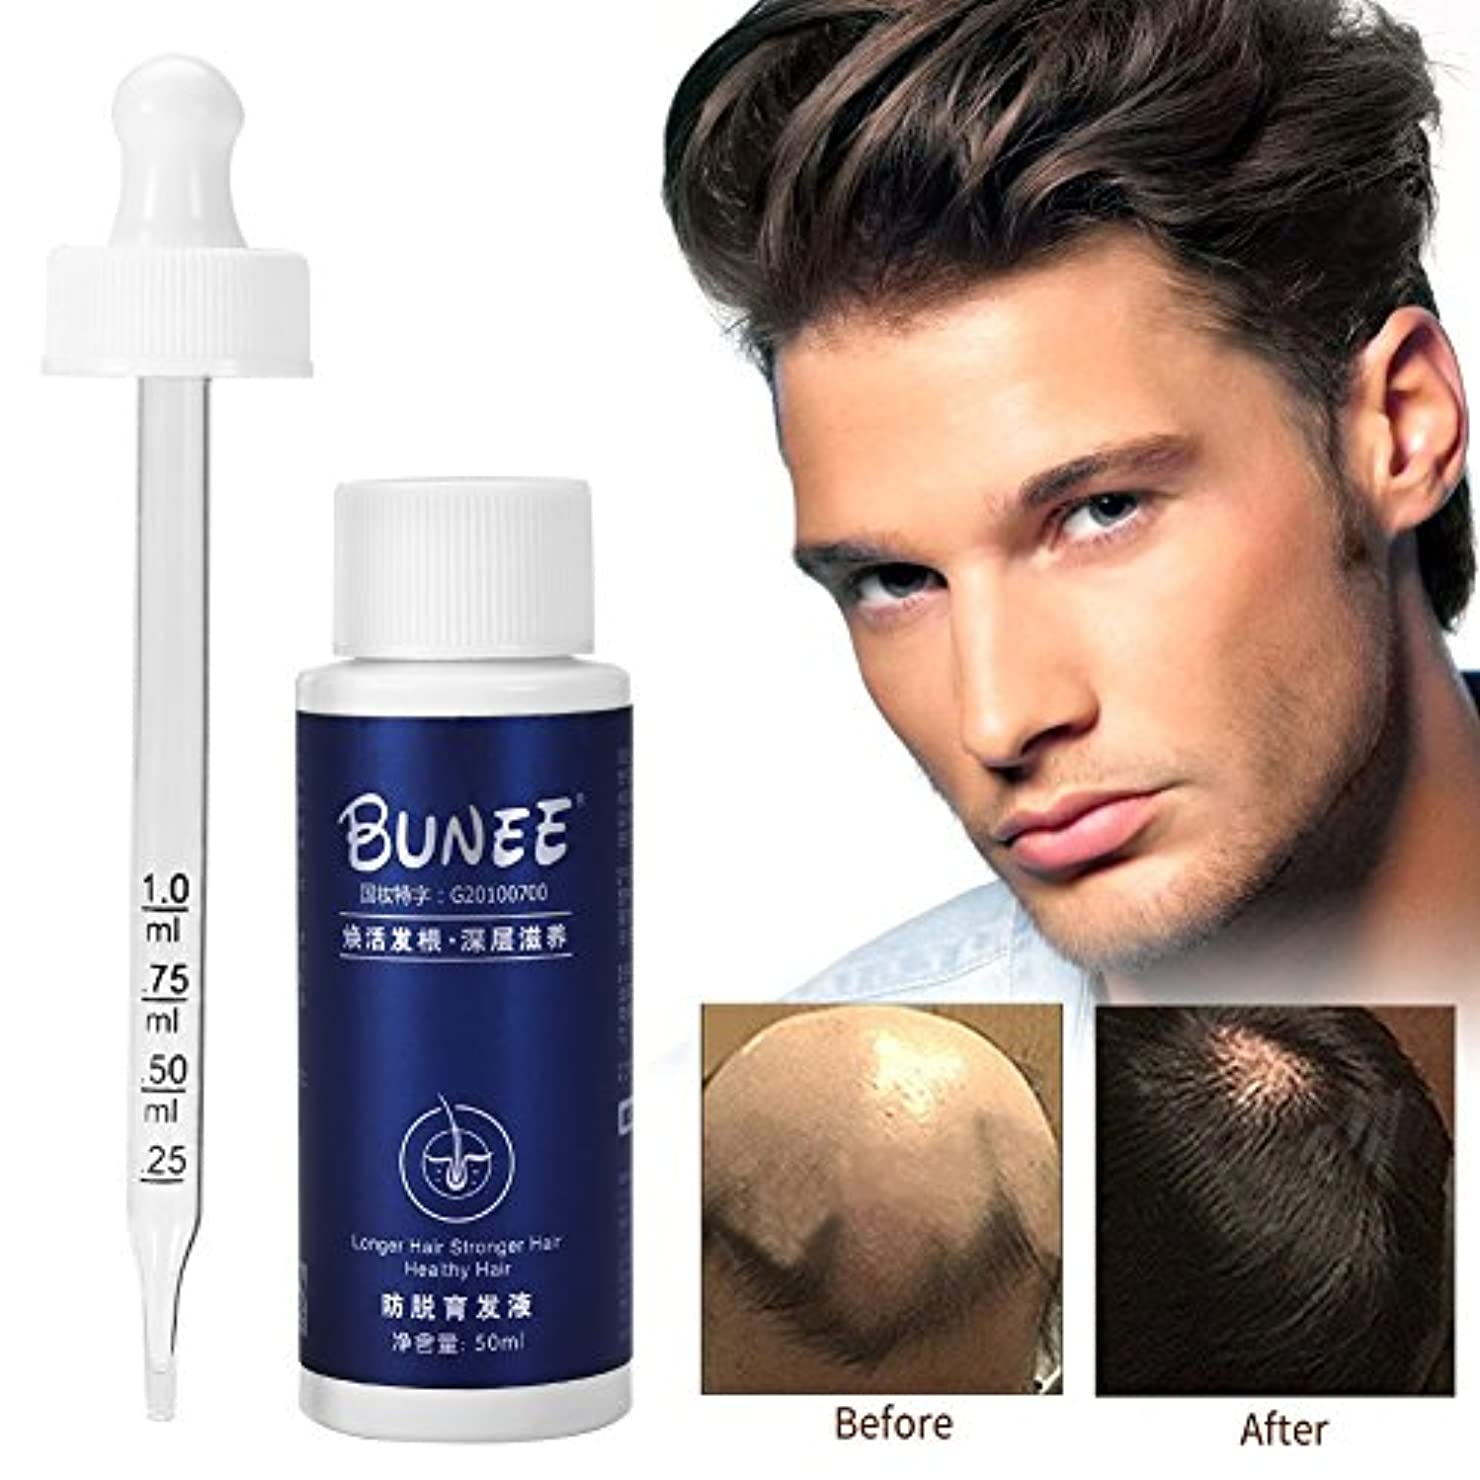 インキュバスキャンディーこっそり育毛オイル、液体育毛剤増粘剤天然植物エキス血清、高速発毛製品エッセンスが発毛を促進し、脱毛を防ぎ、薄毛、はげ